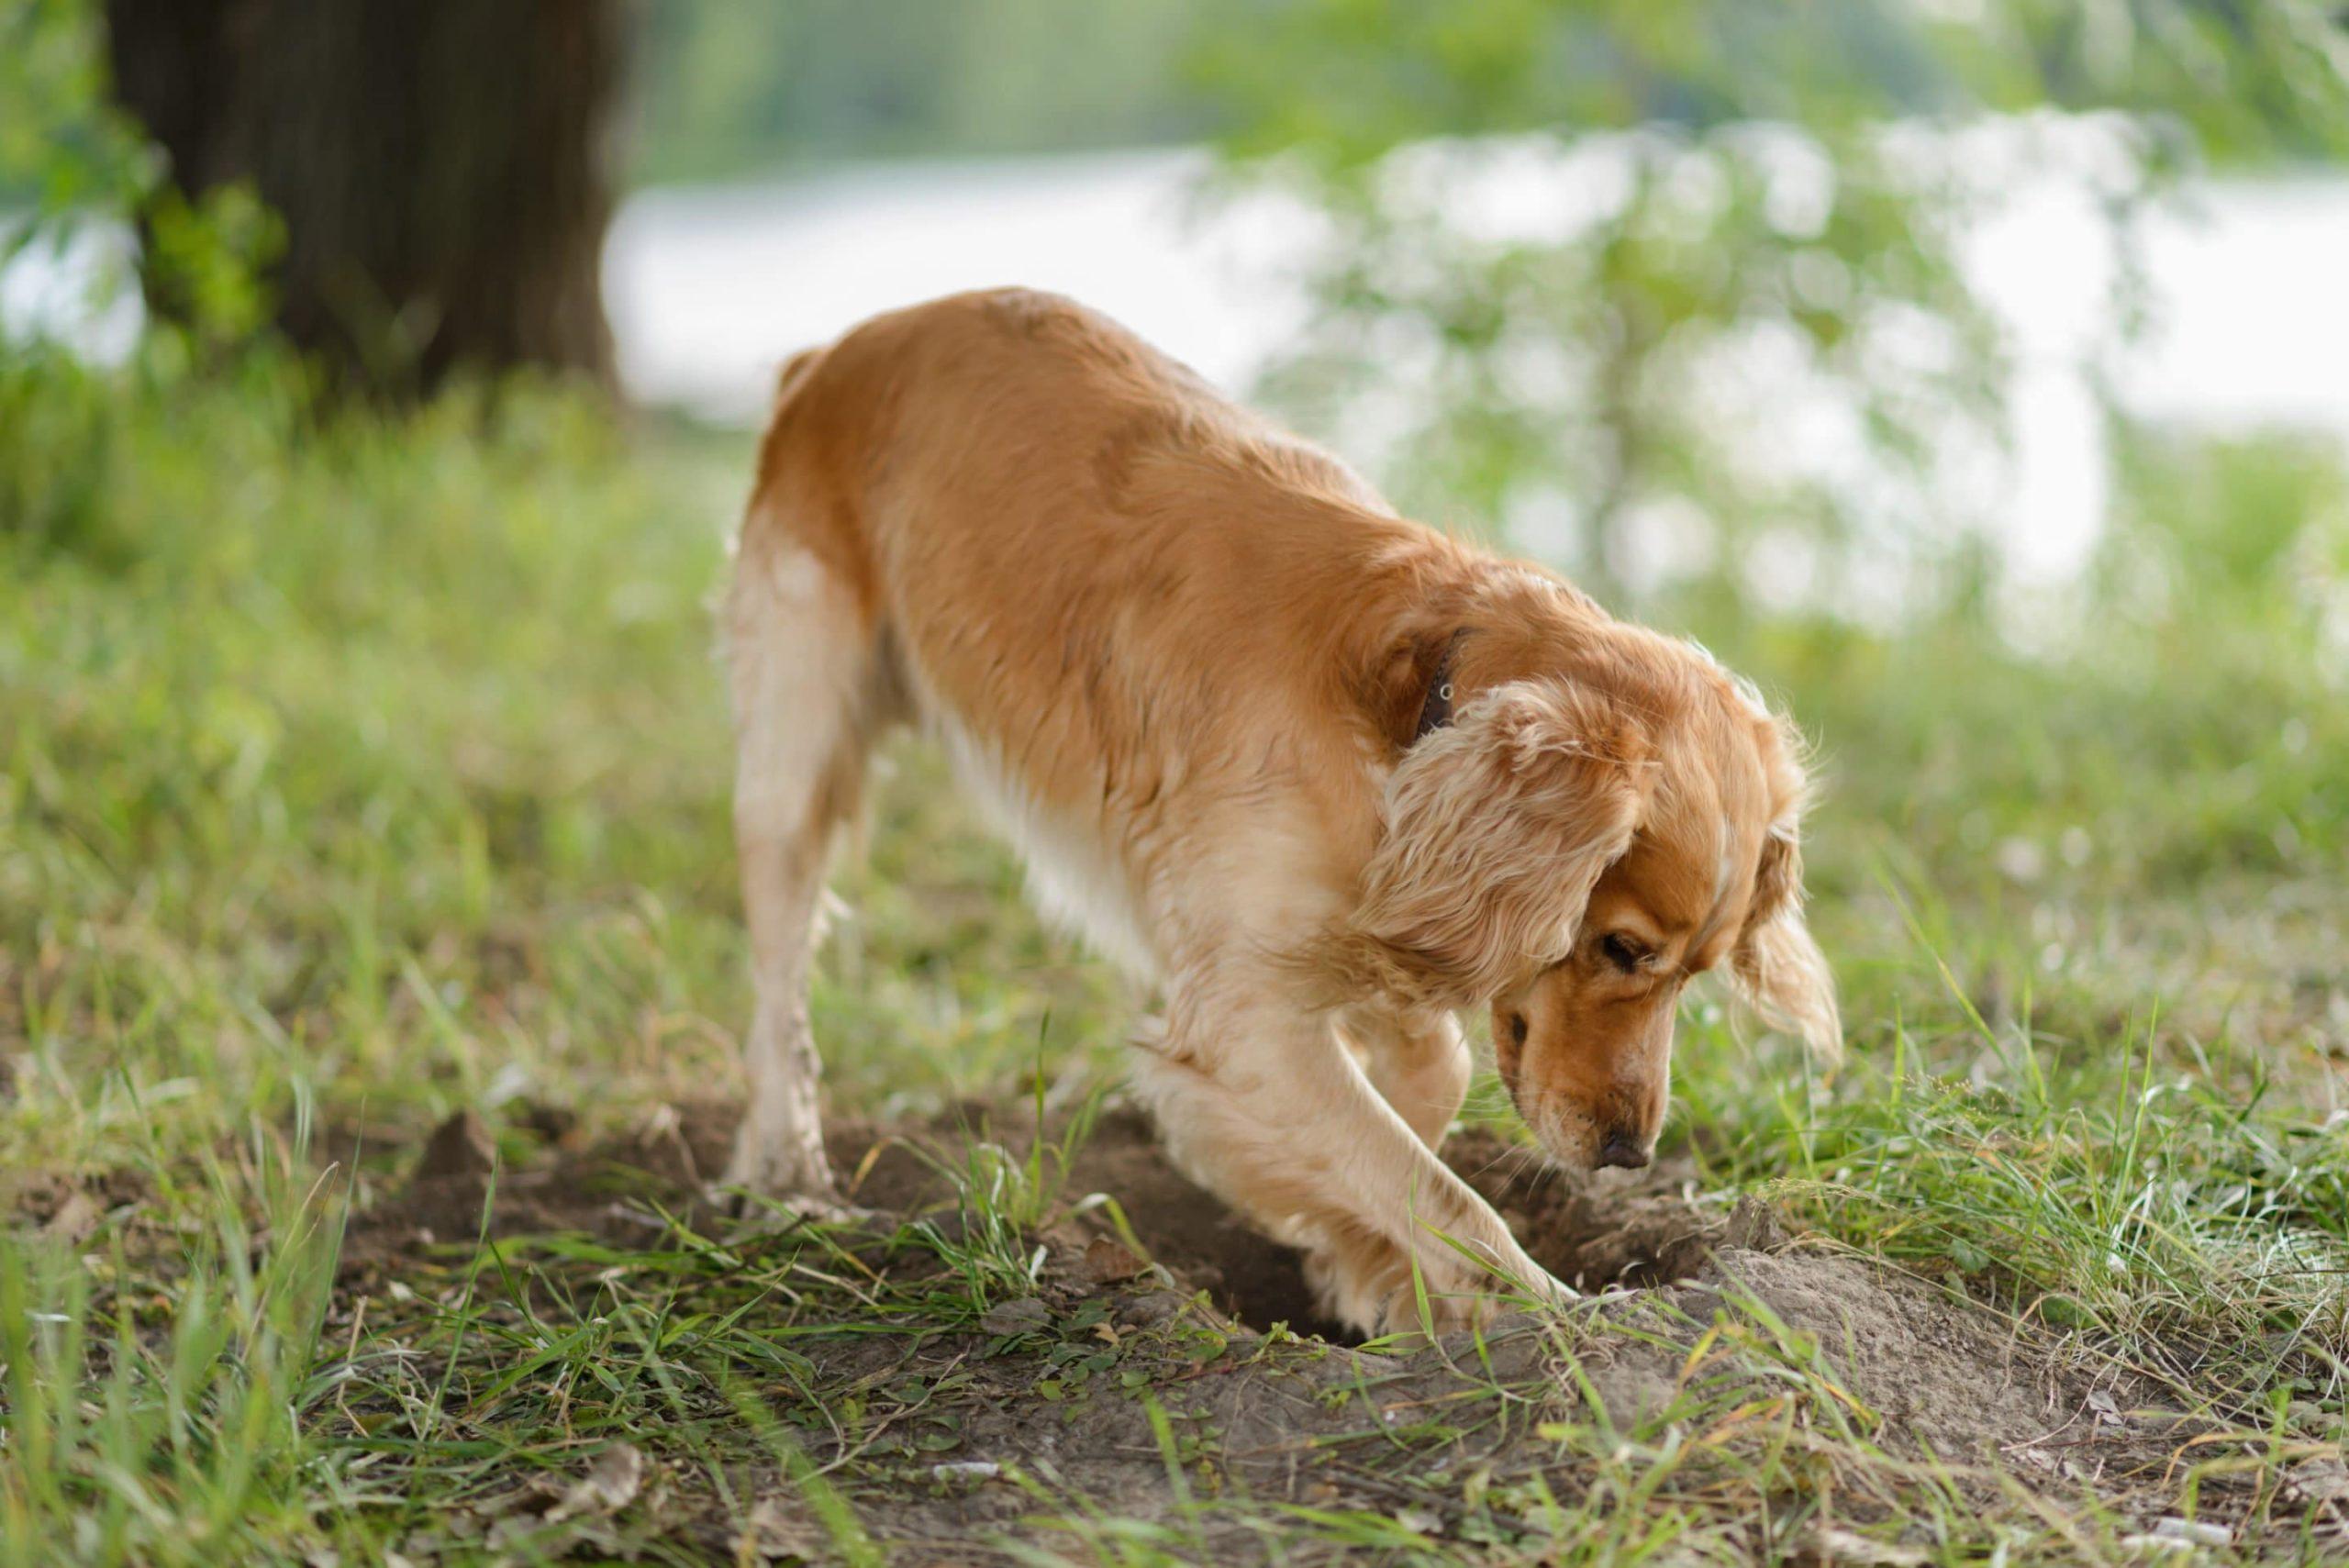 Comment empêcher un chien de creuser des trous dans le jardin ?